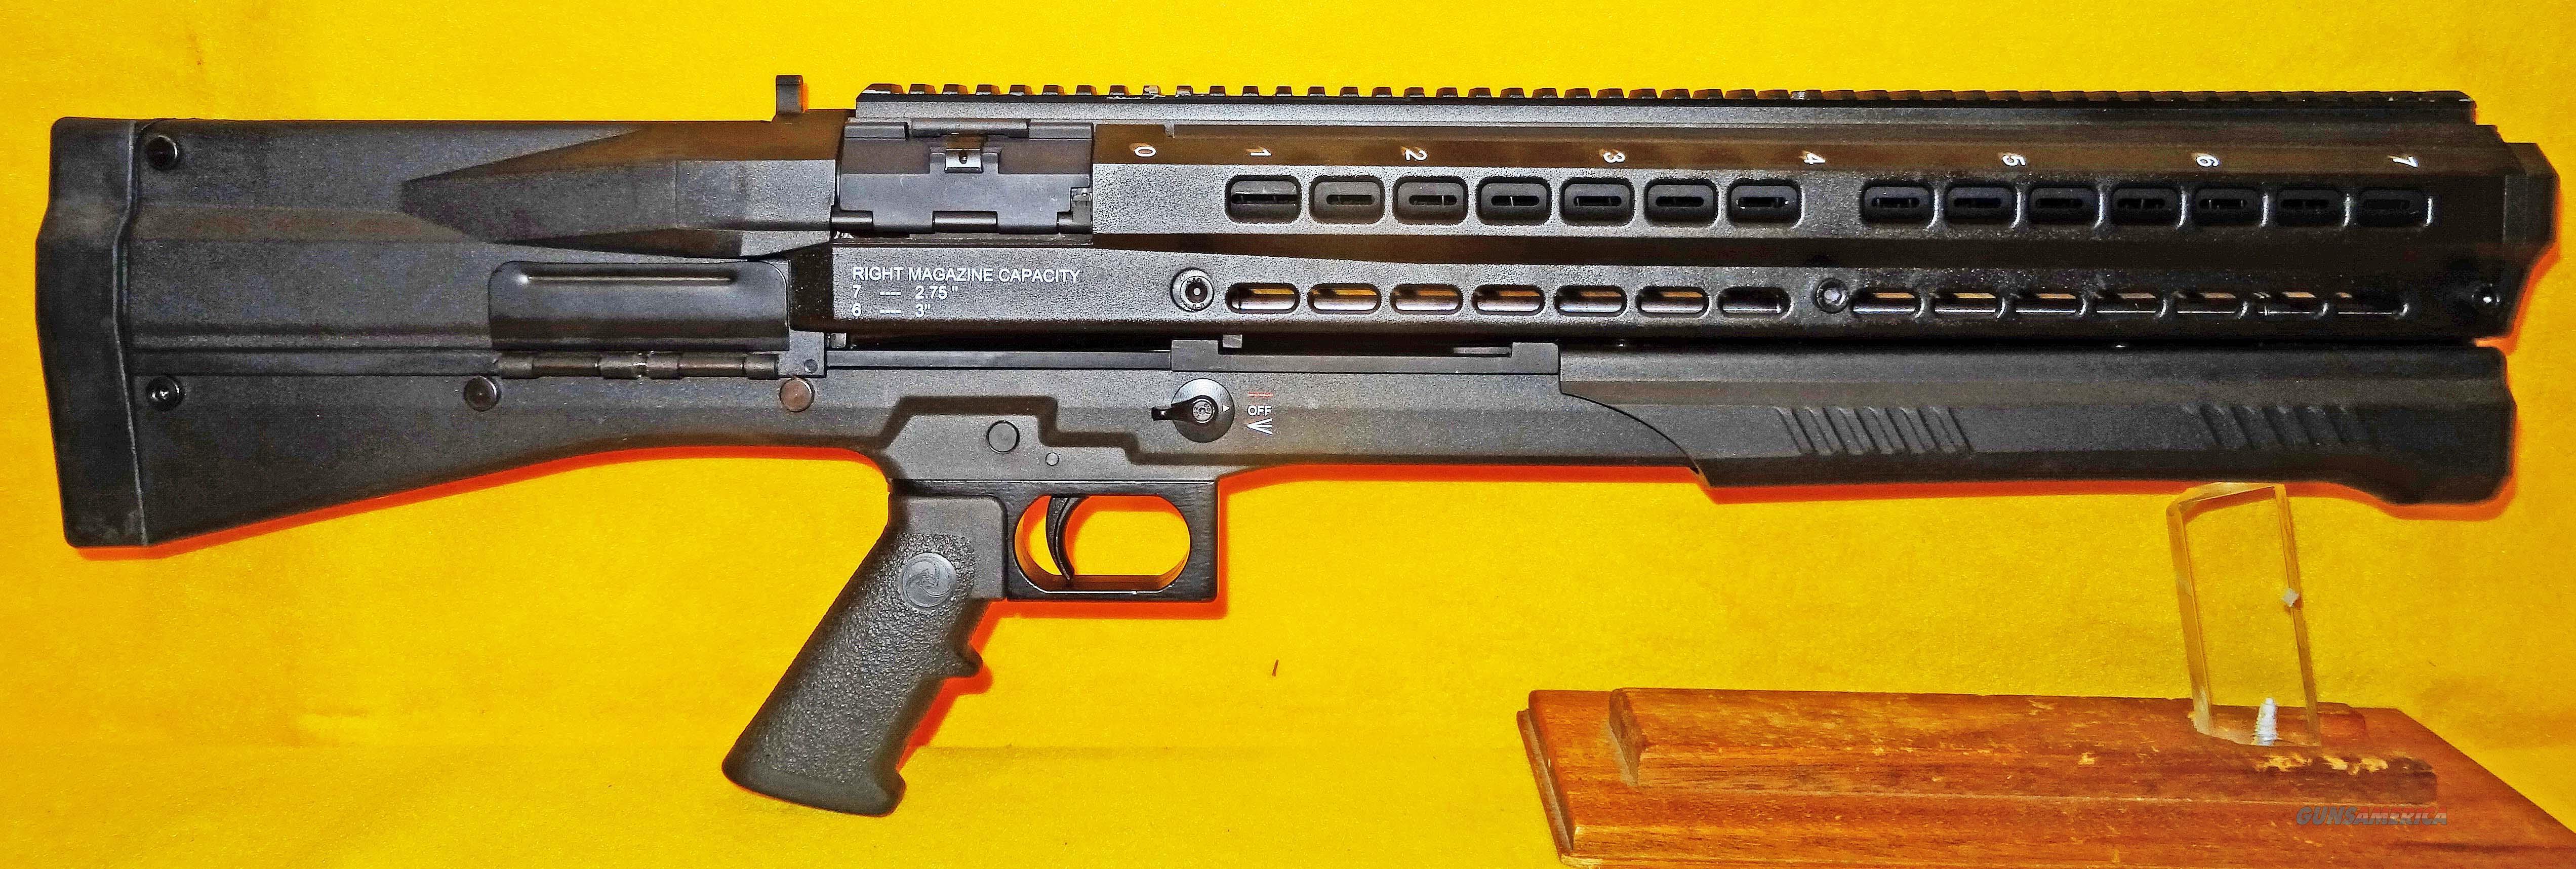 UTS 15  Guns > Shotguns > UTAS Shotguns